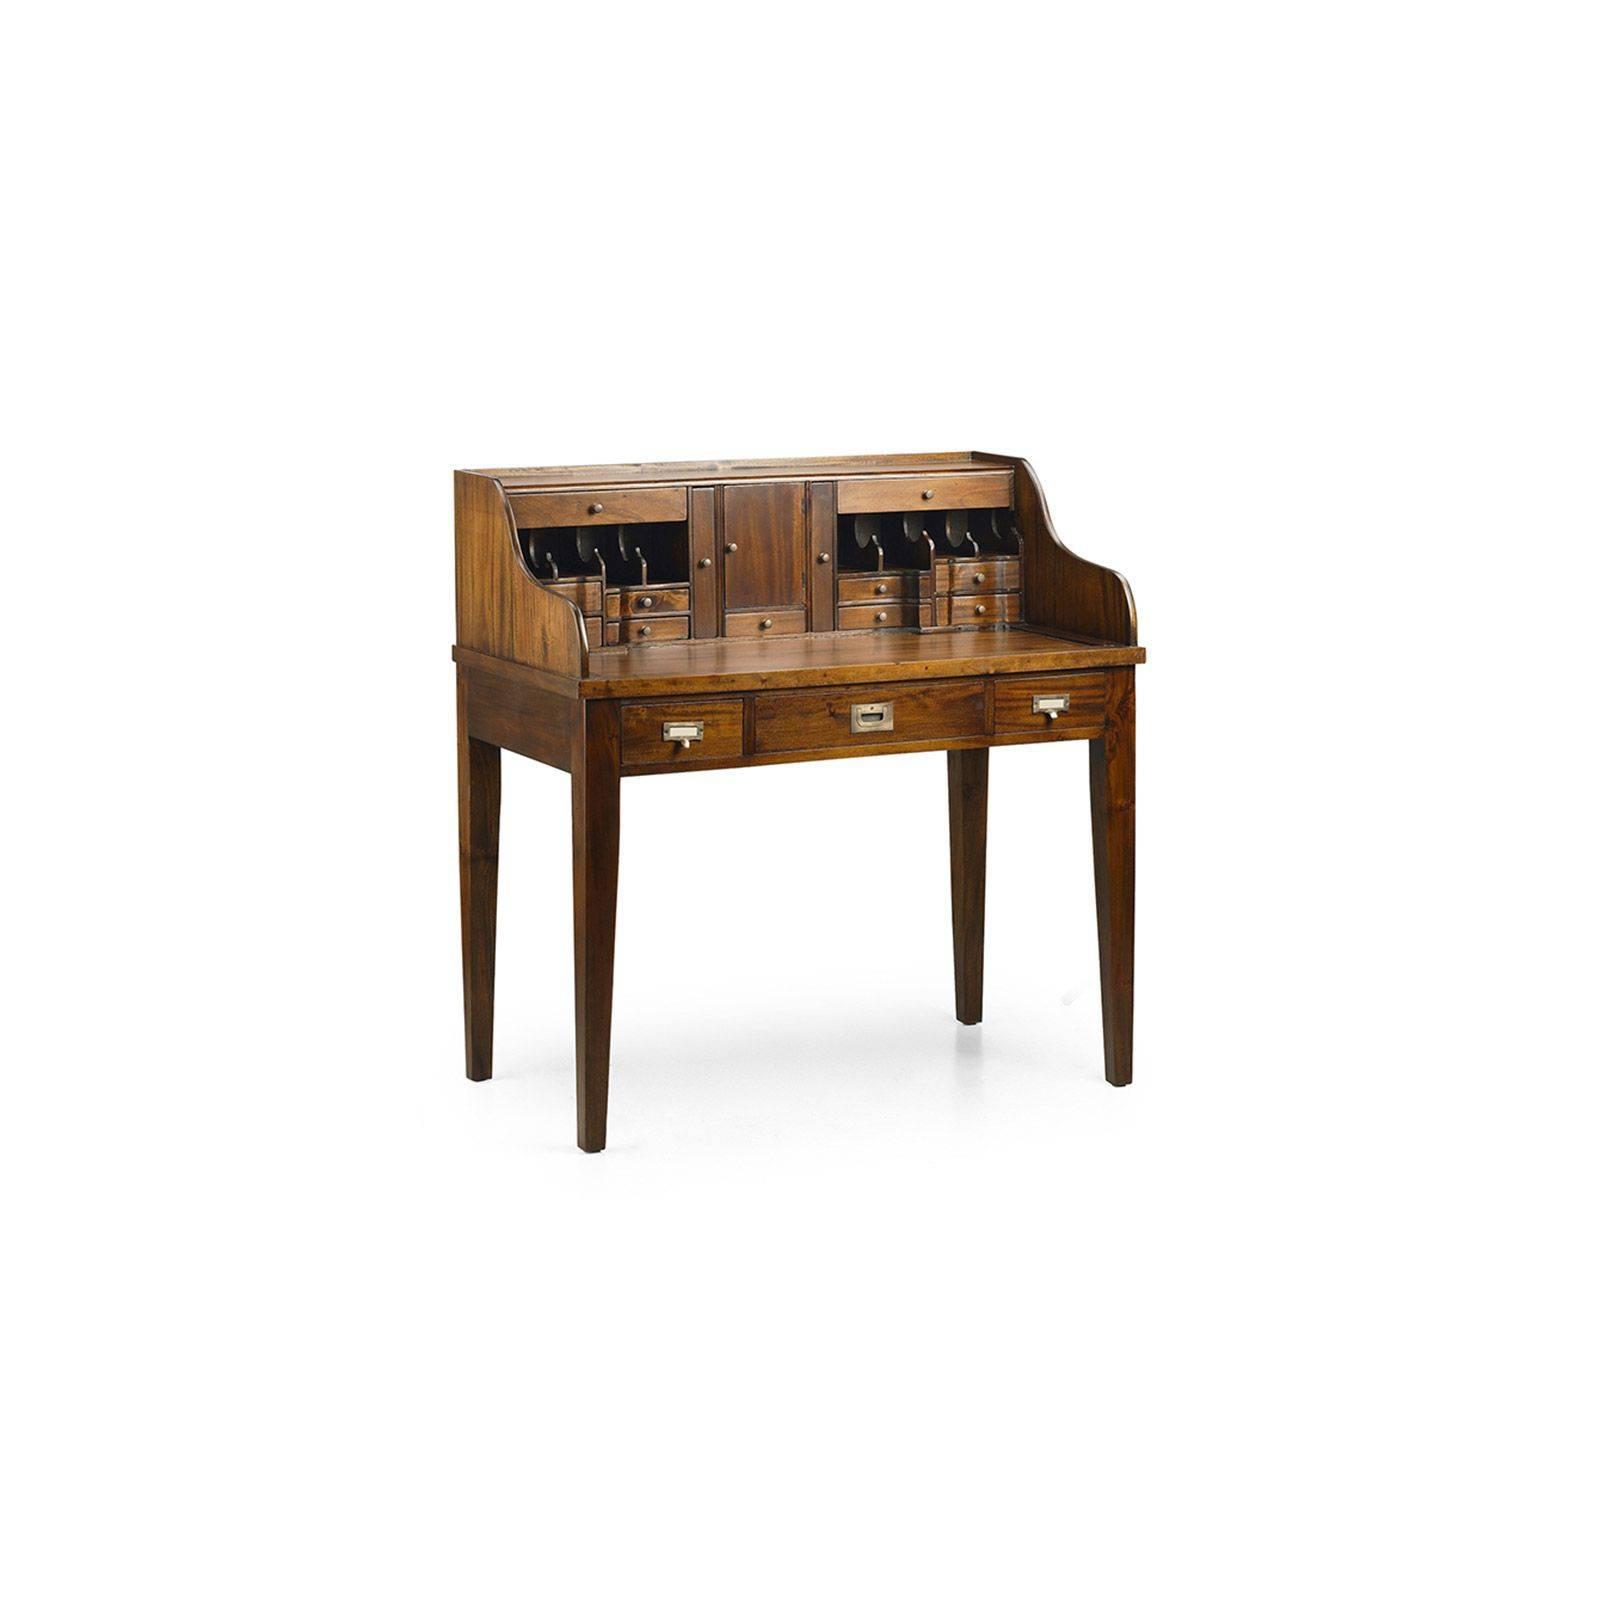 Secr taire style colonial en acajou bureau bois massif - Bureau secretaire meuble ...